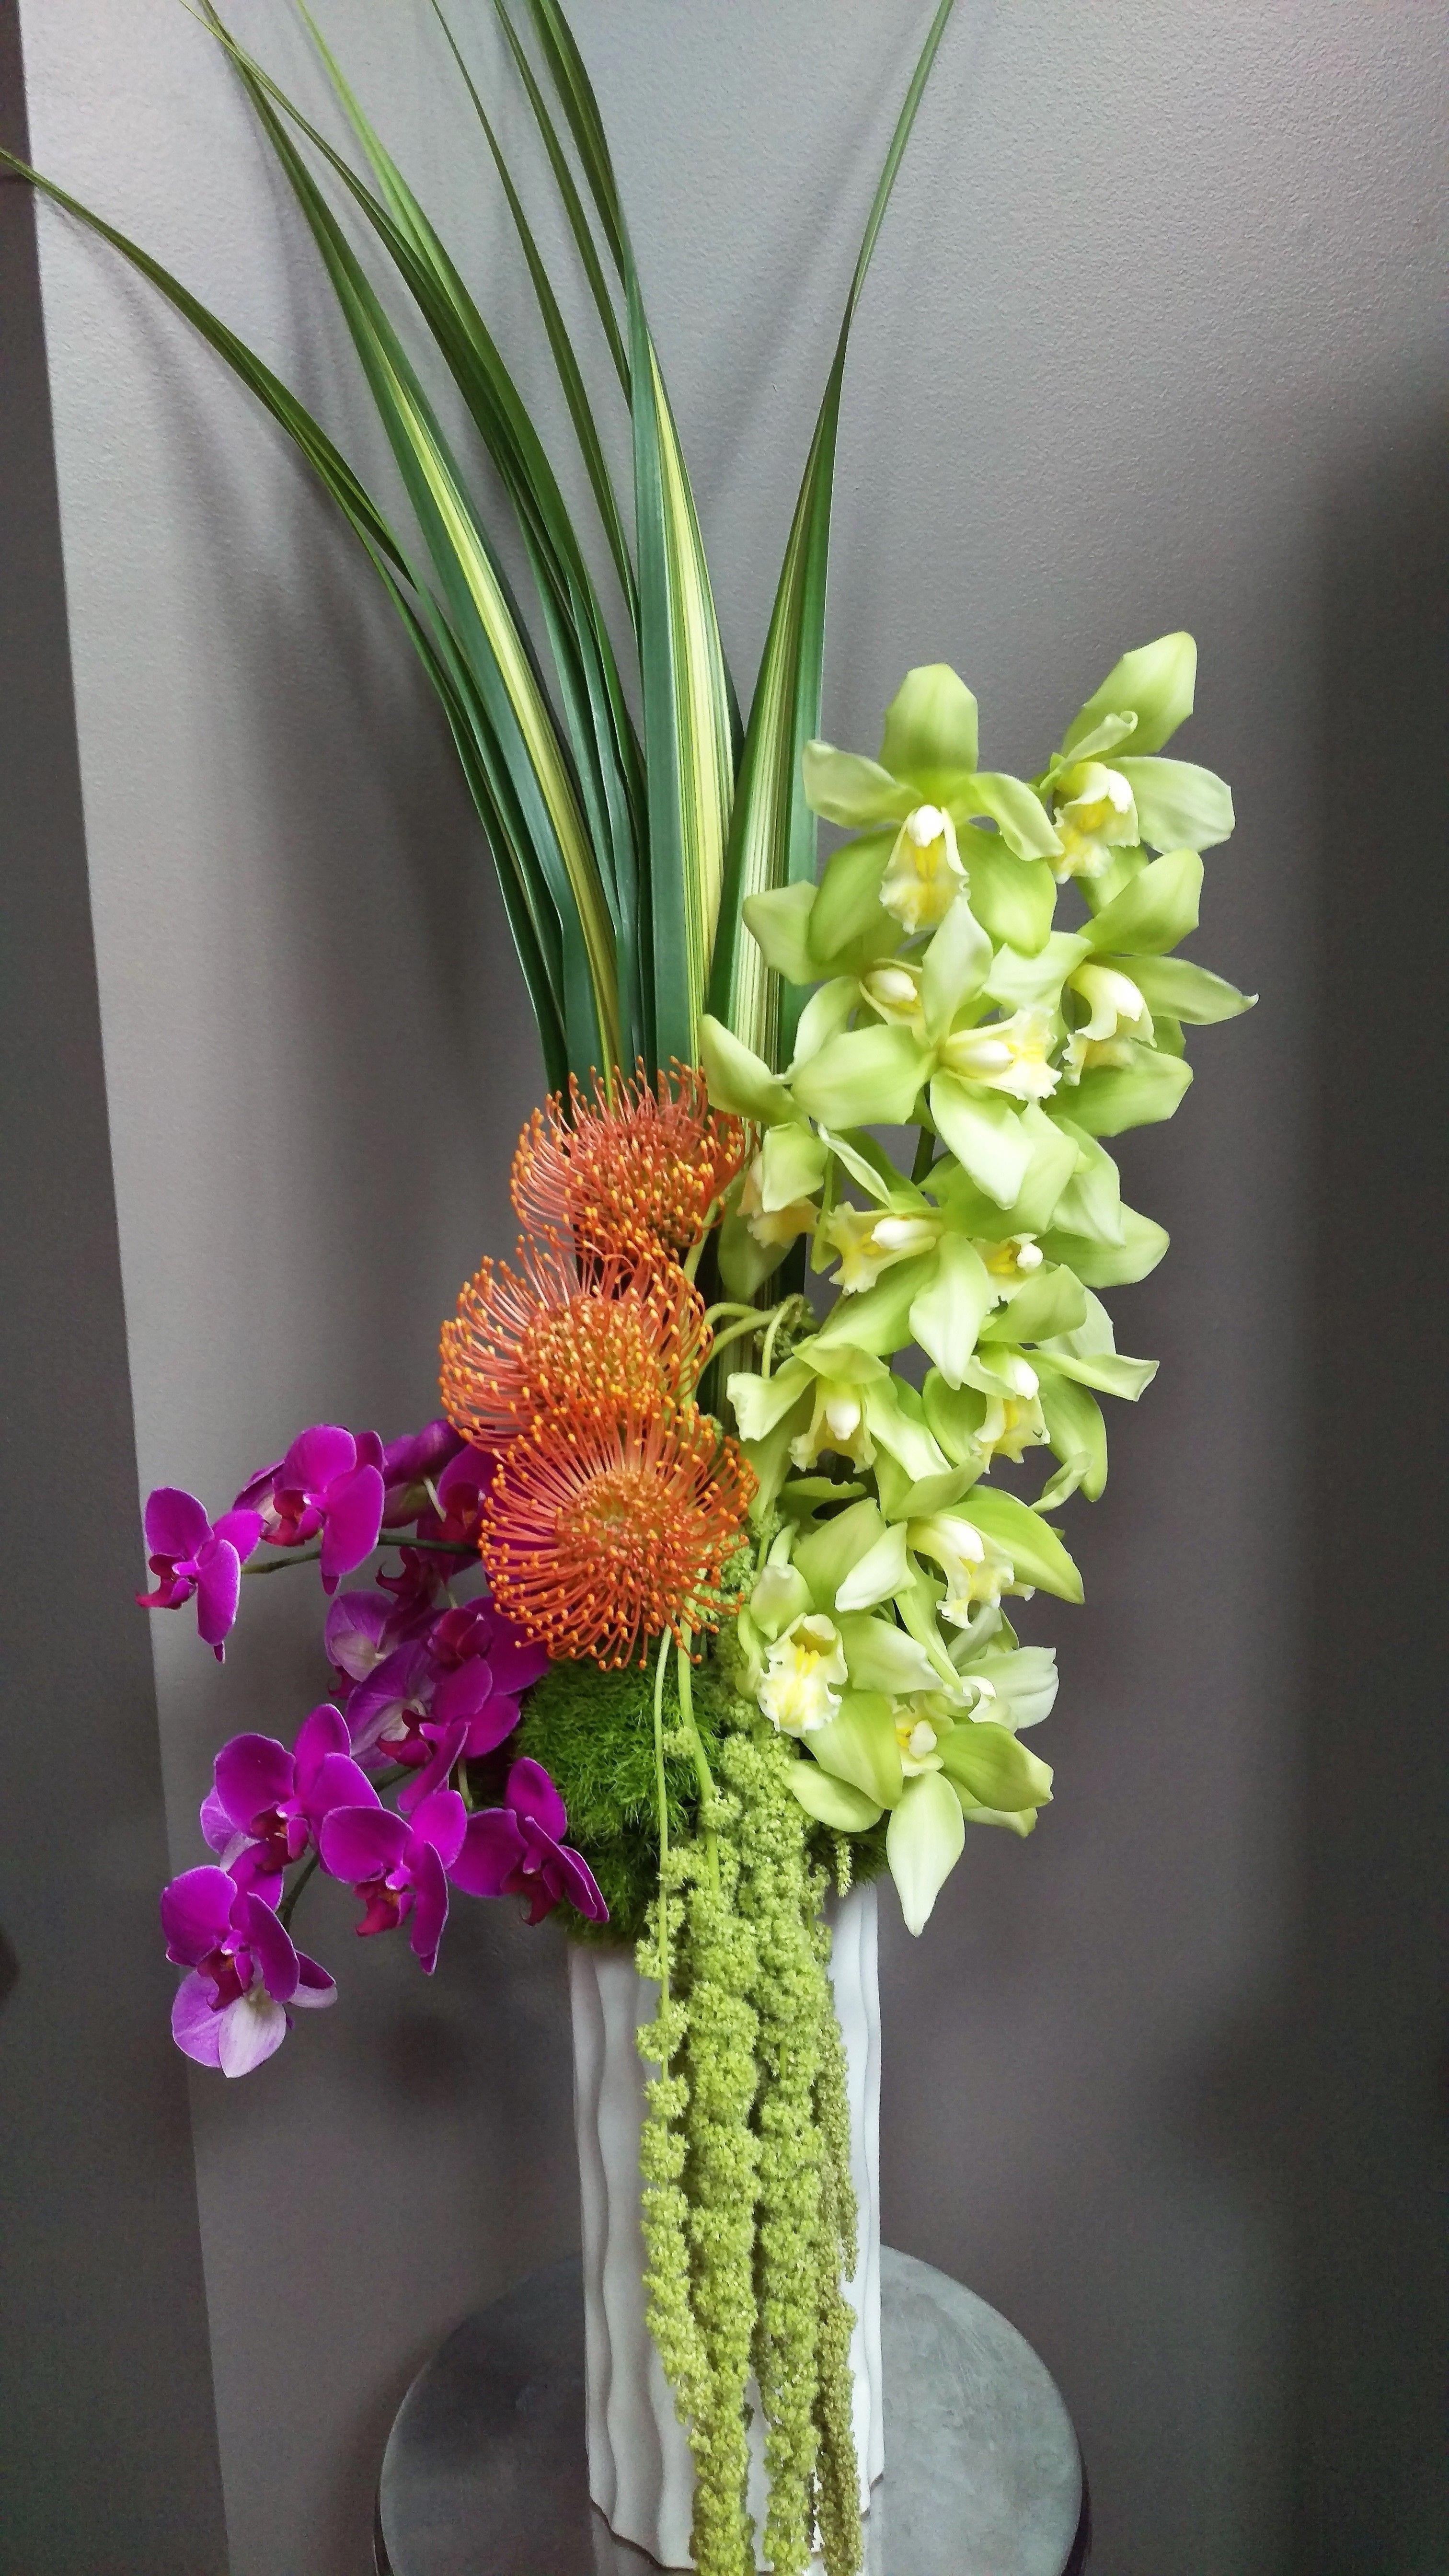 orchids by post uk Orchids Arreglos florales